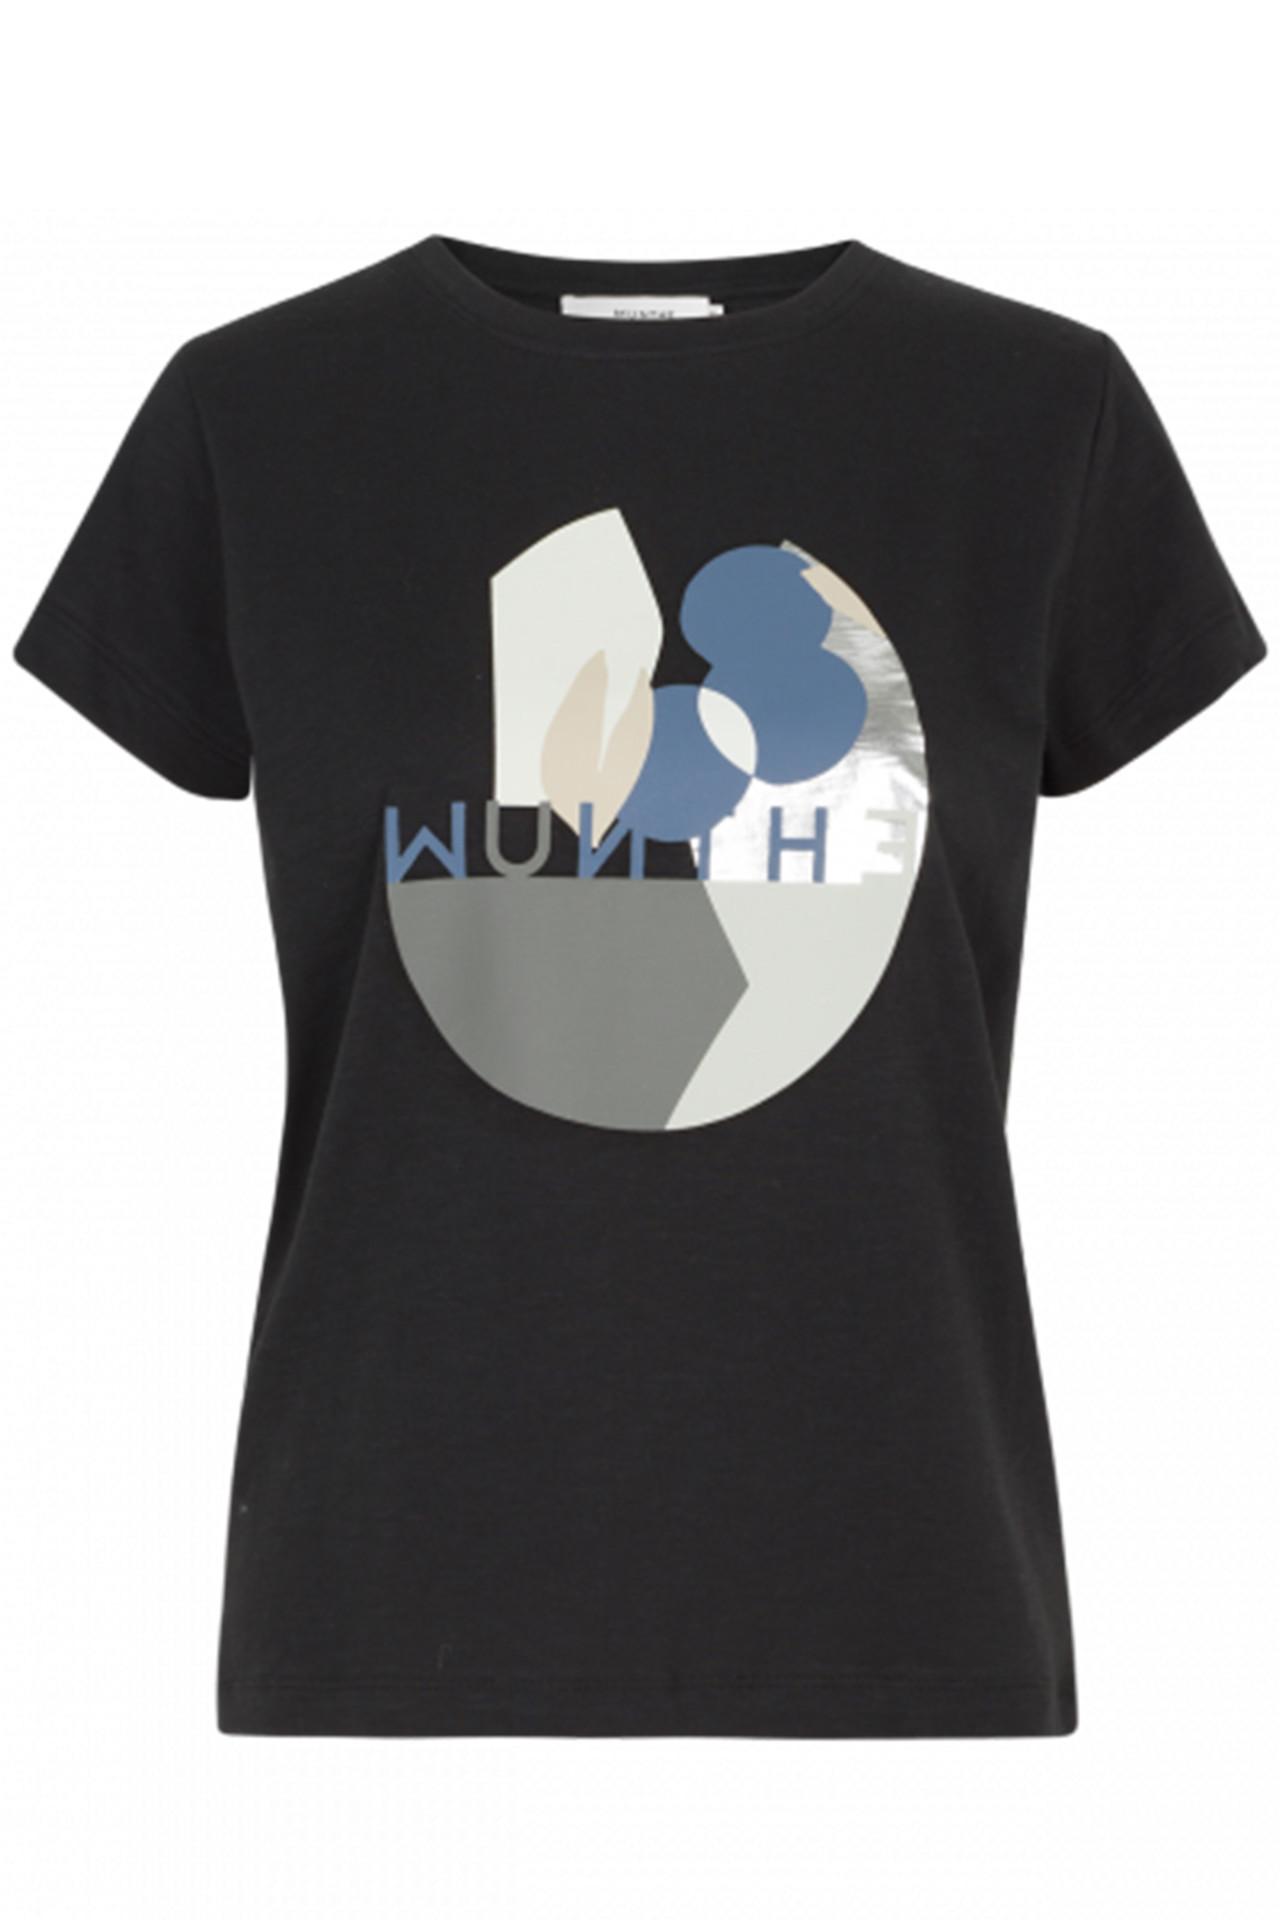 Køb Munthe | Emotional Skjorte (Sort, Blå)